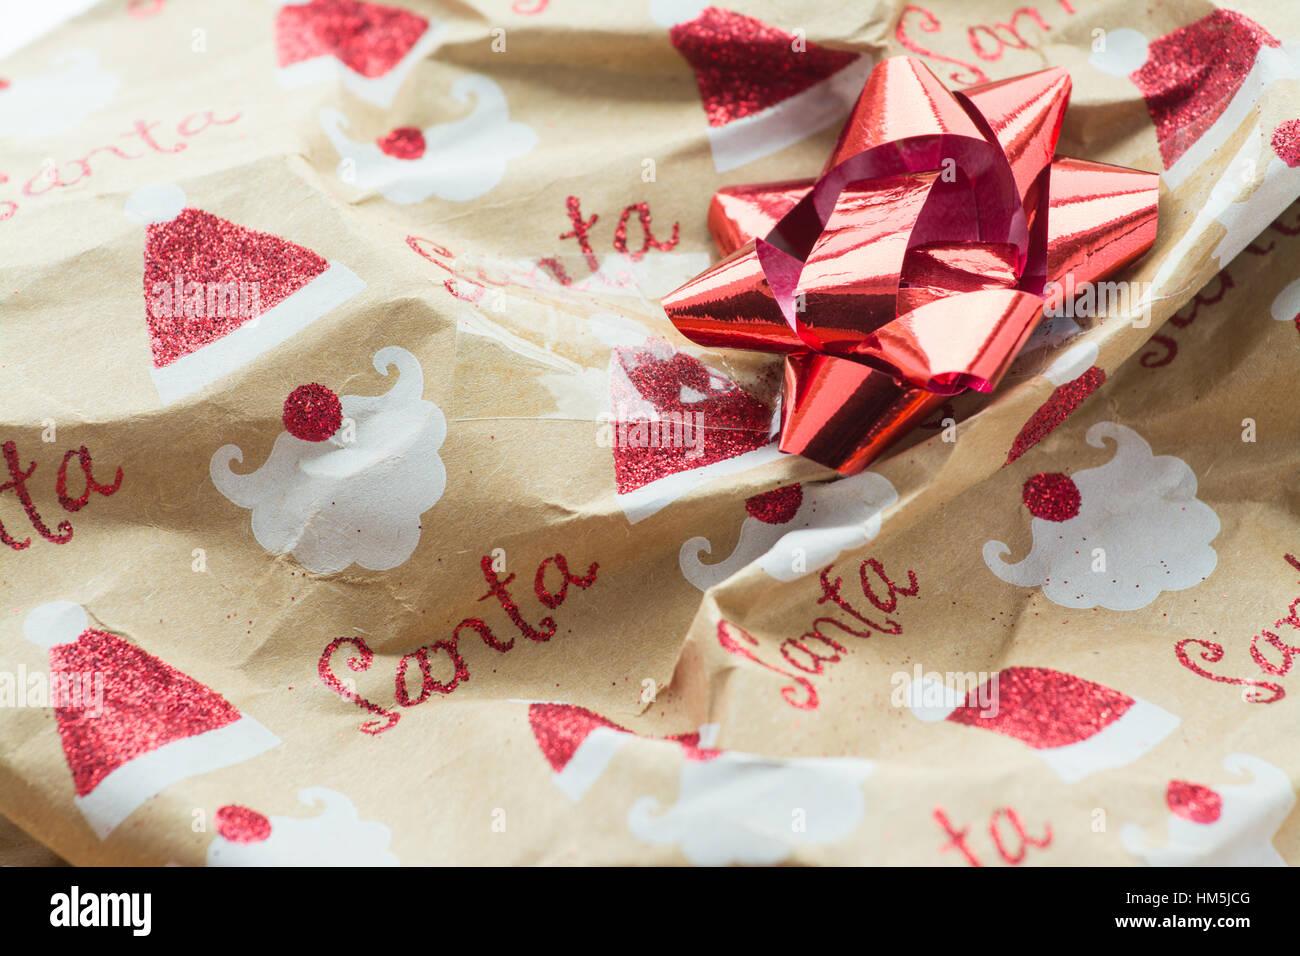 Papier d'emballage de Noël unrecyclable avec paillettes et ruban adhésif Photo Stock